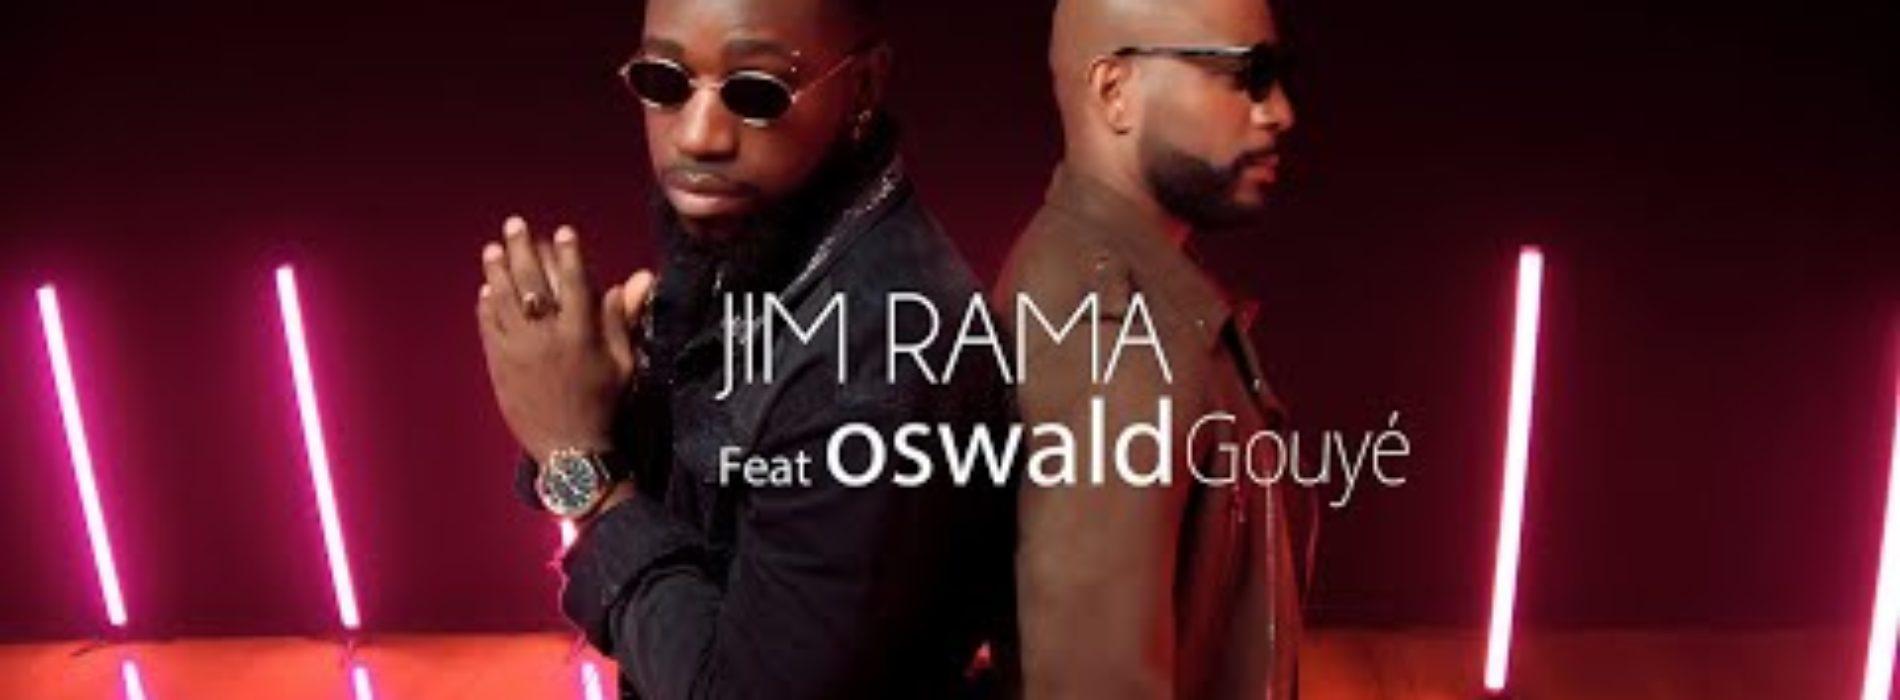 Jim Rama Featuring Oswald «Gouyé» Jim Rama  Jim Rama – Décembre 2019